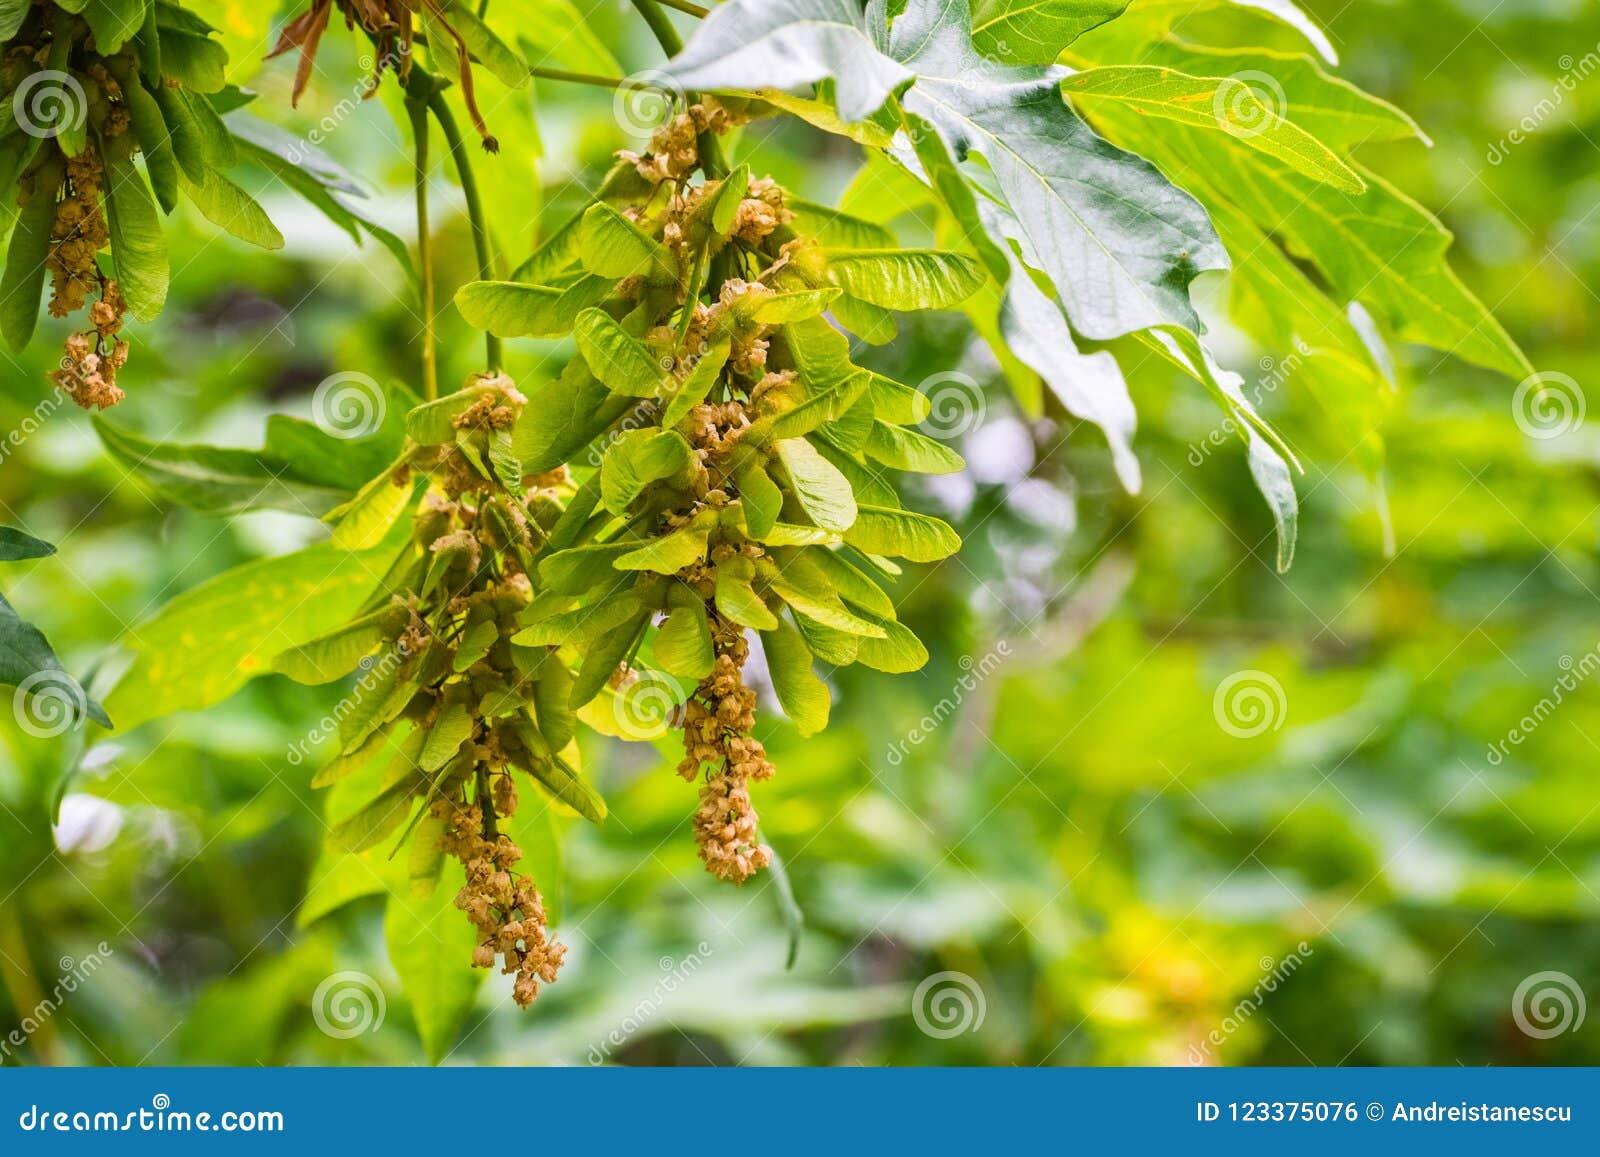 Big Leaf Maple Acer Macrophyllum Winged Seeds Samaras Stock Photo